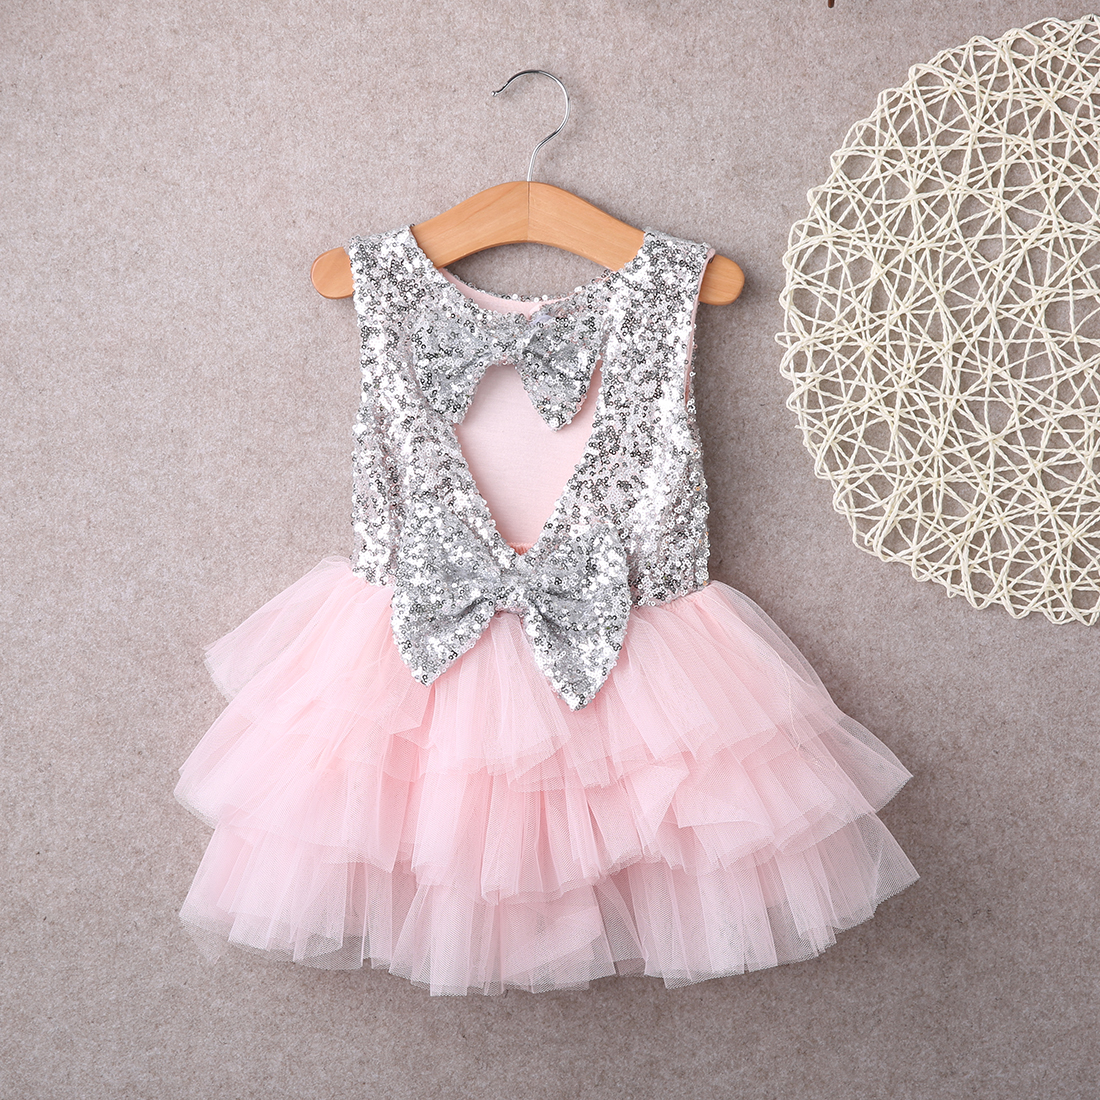 a2c28406478 Super mignon été bébé fille fleur paillettes brillante robe en ...